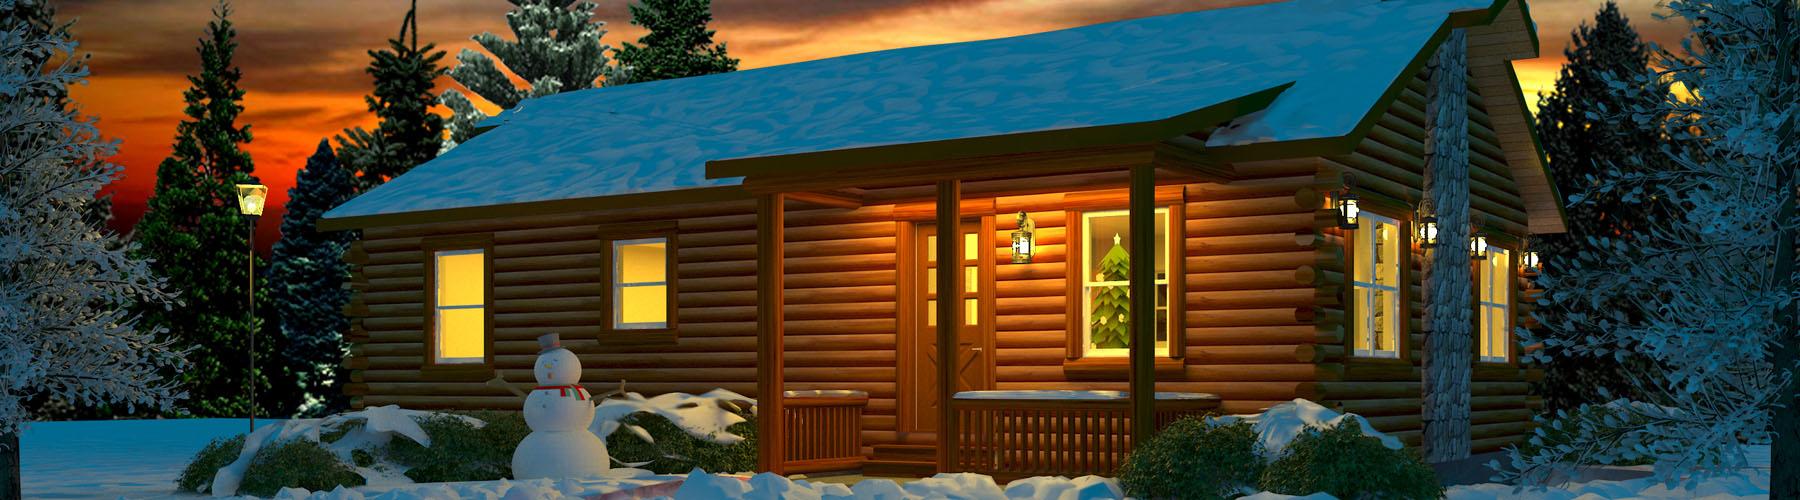 Golden Eagle Log And Timber Homes Plans Pricing Plan Details Santa Fe 1232ar